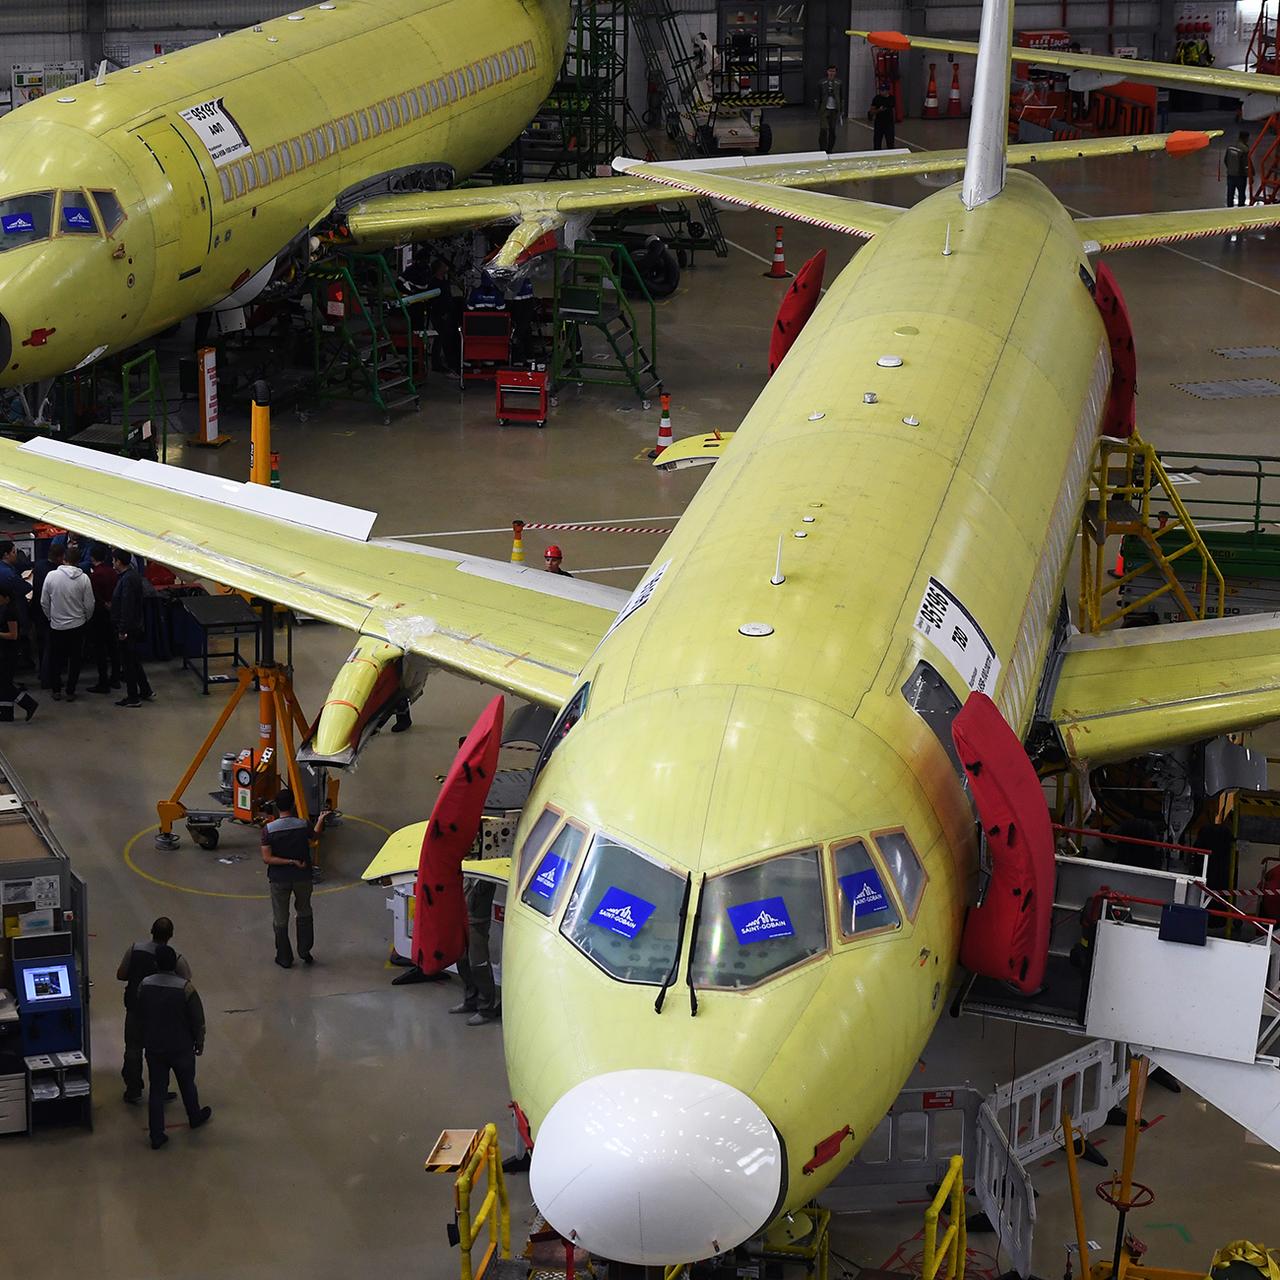 Как ни назови производителя SSJ100 (RRJ), самолёт от этого не изменится…